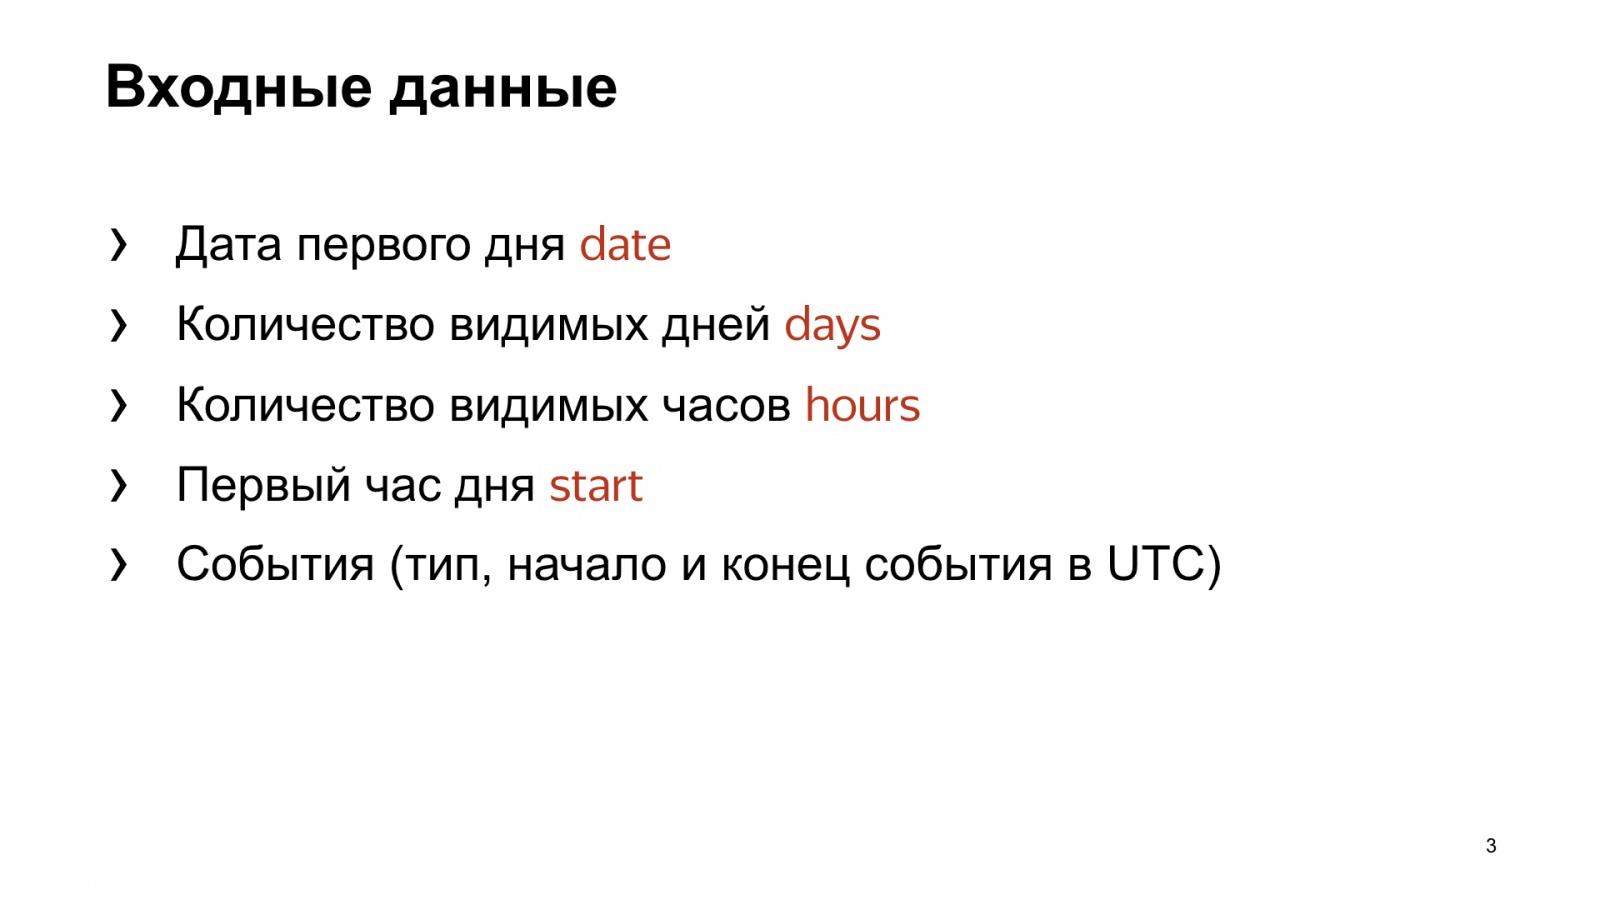 SVG в реальной жизни. Доклад Яндекса - 4